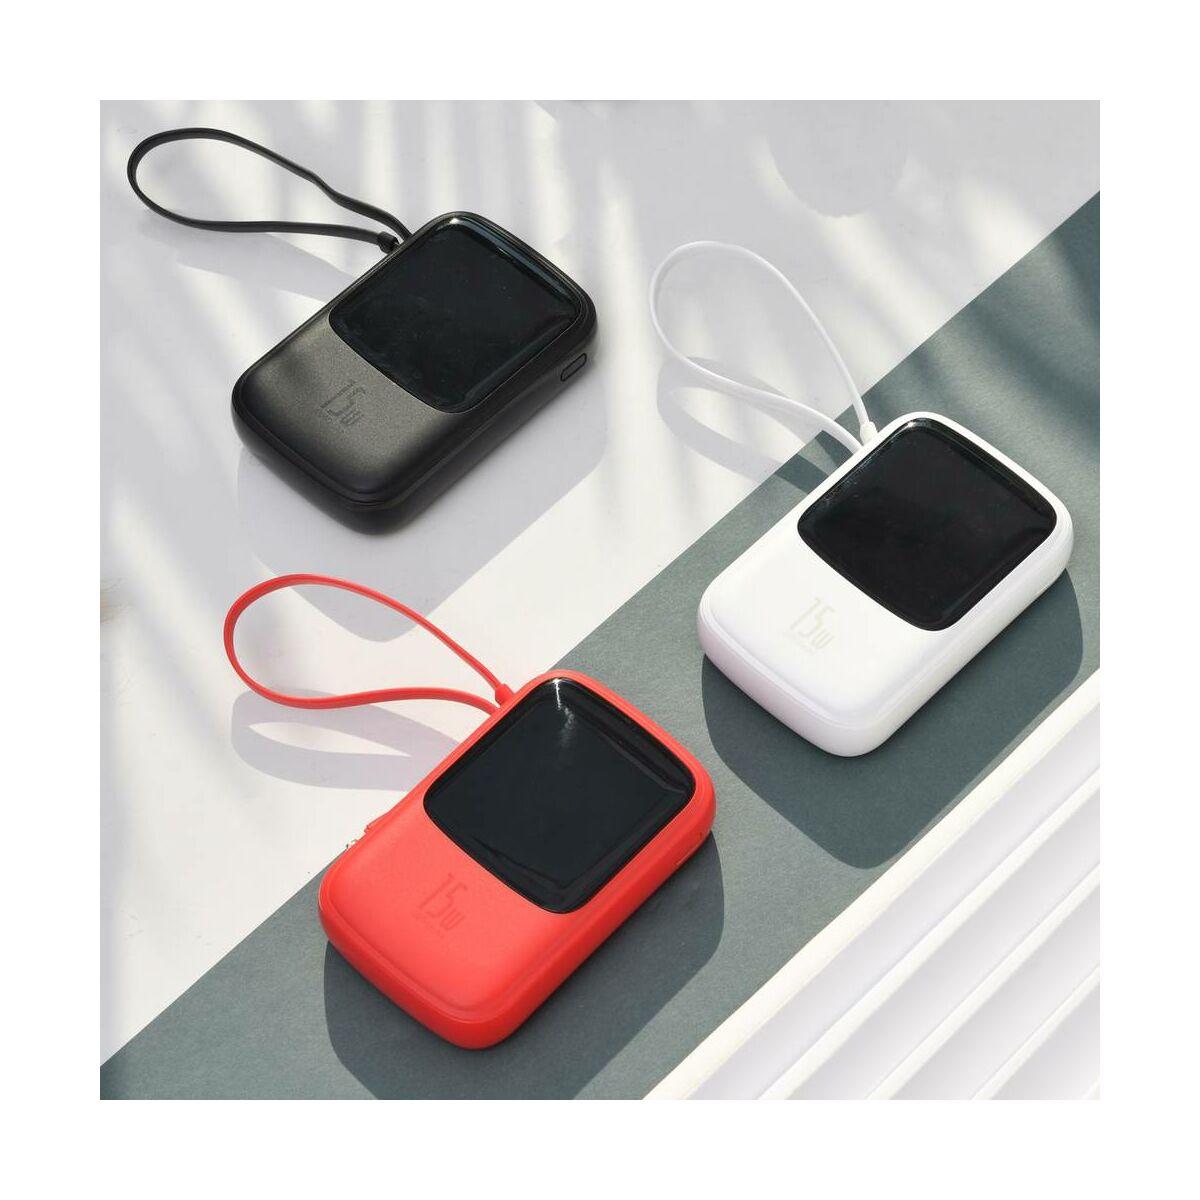 Baseus Power Bank Q pow digitális töltés kijelzés, 2xUSB, Type-C 3A+beépített Lightning kábel, 15W, 10000 mAh, fekete (PPQD-B01)